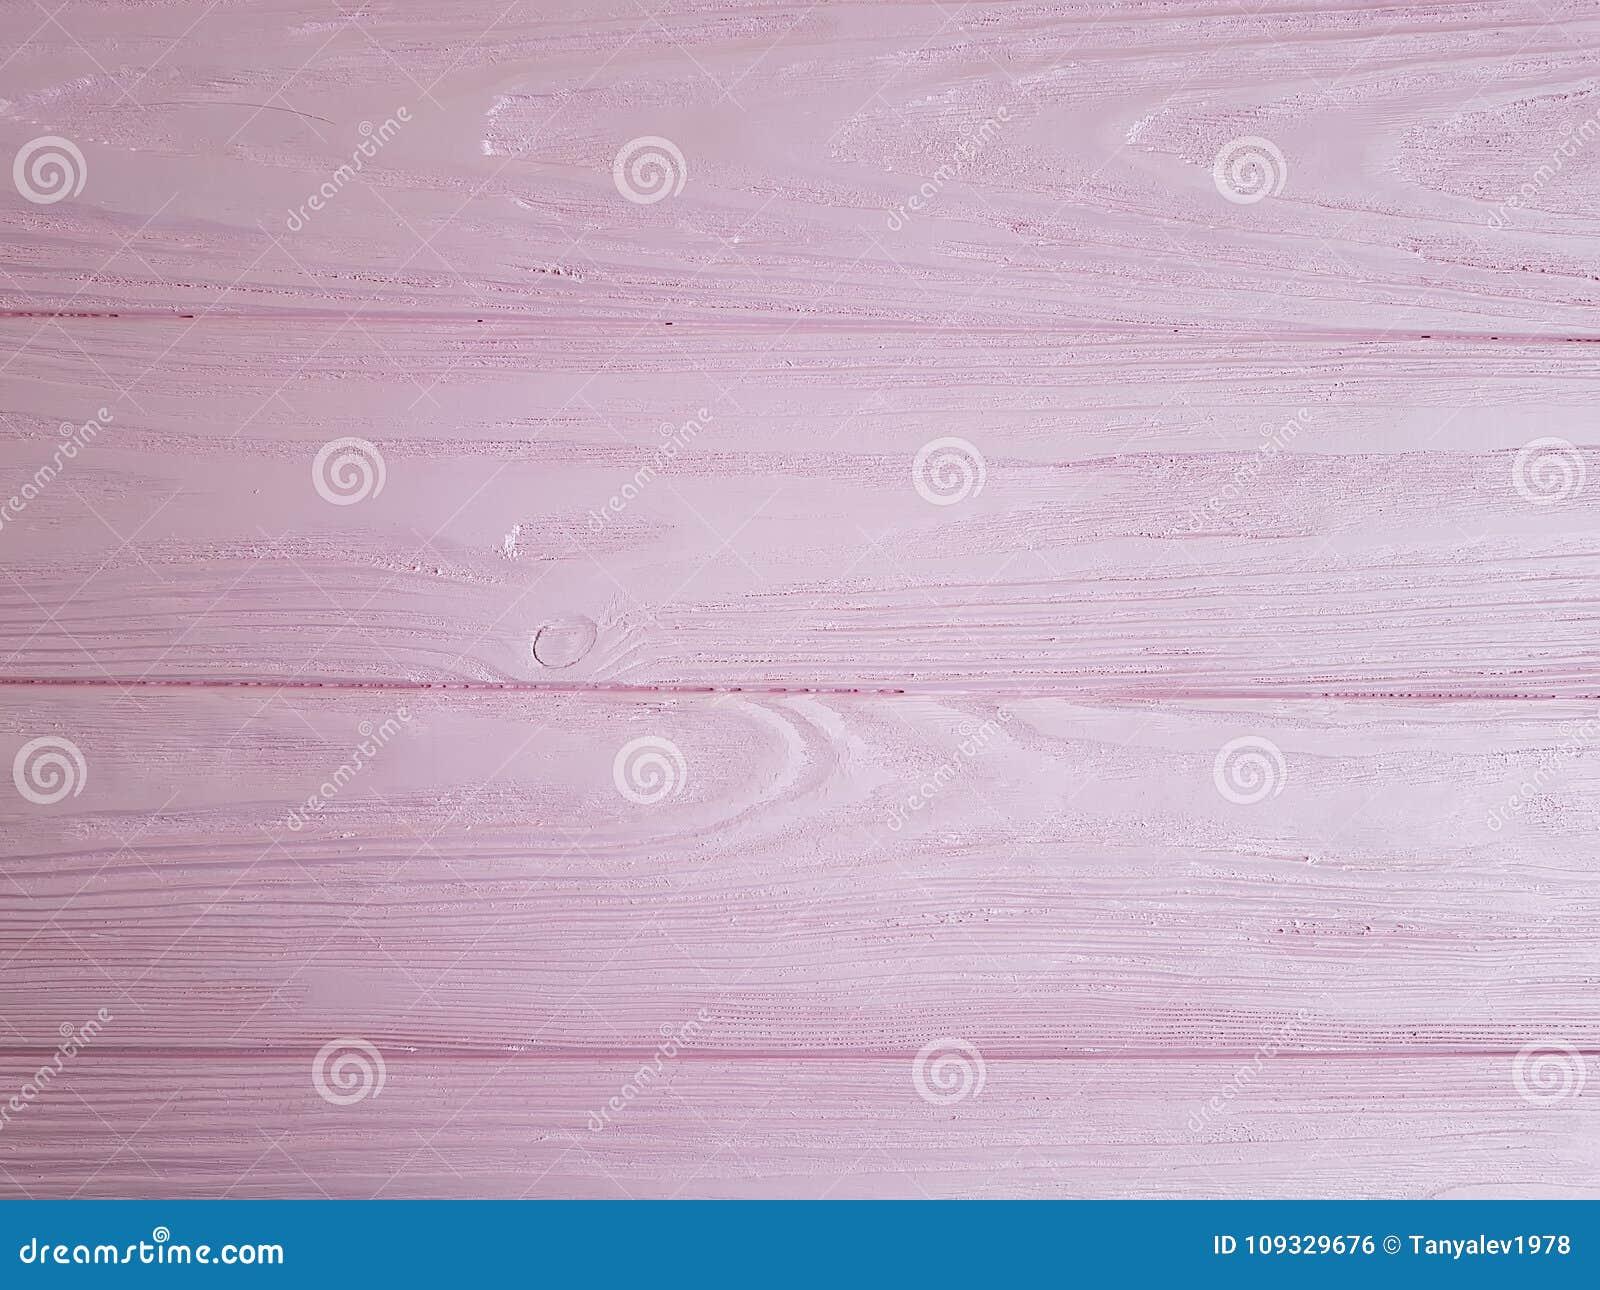 Pink wood background textured, stripe